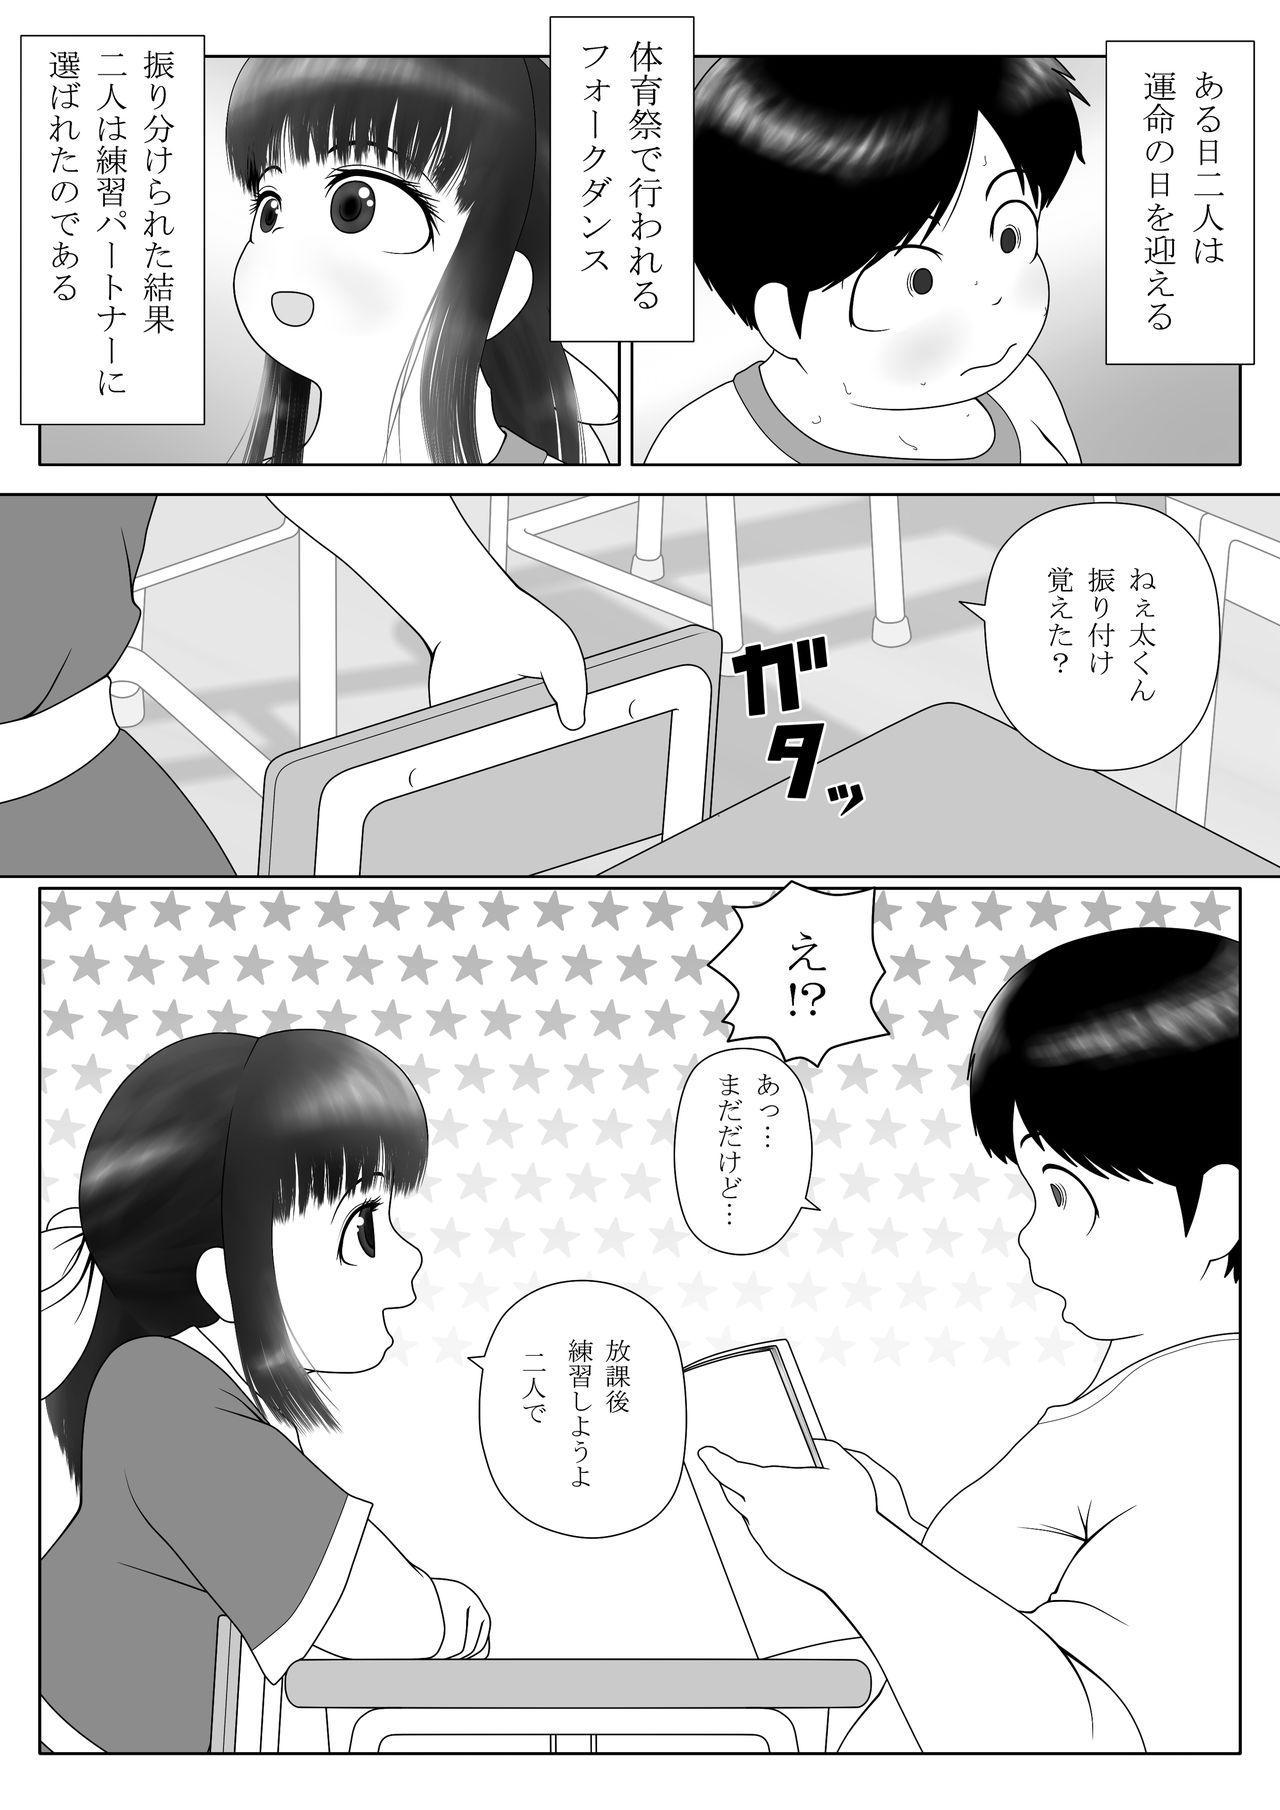 Hentai-tachi no Seishun 6